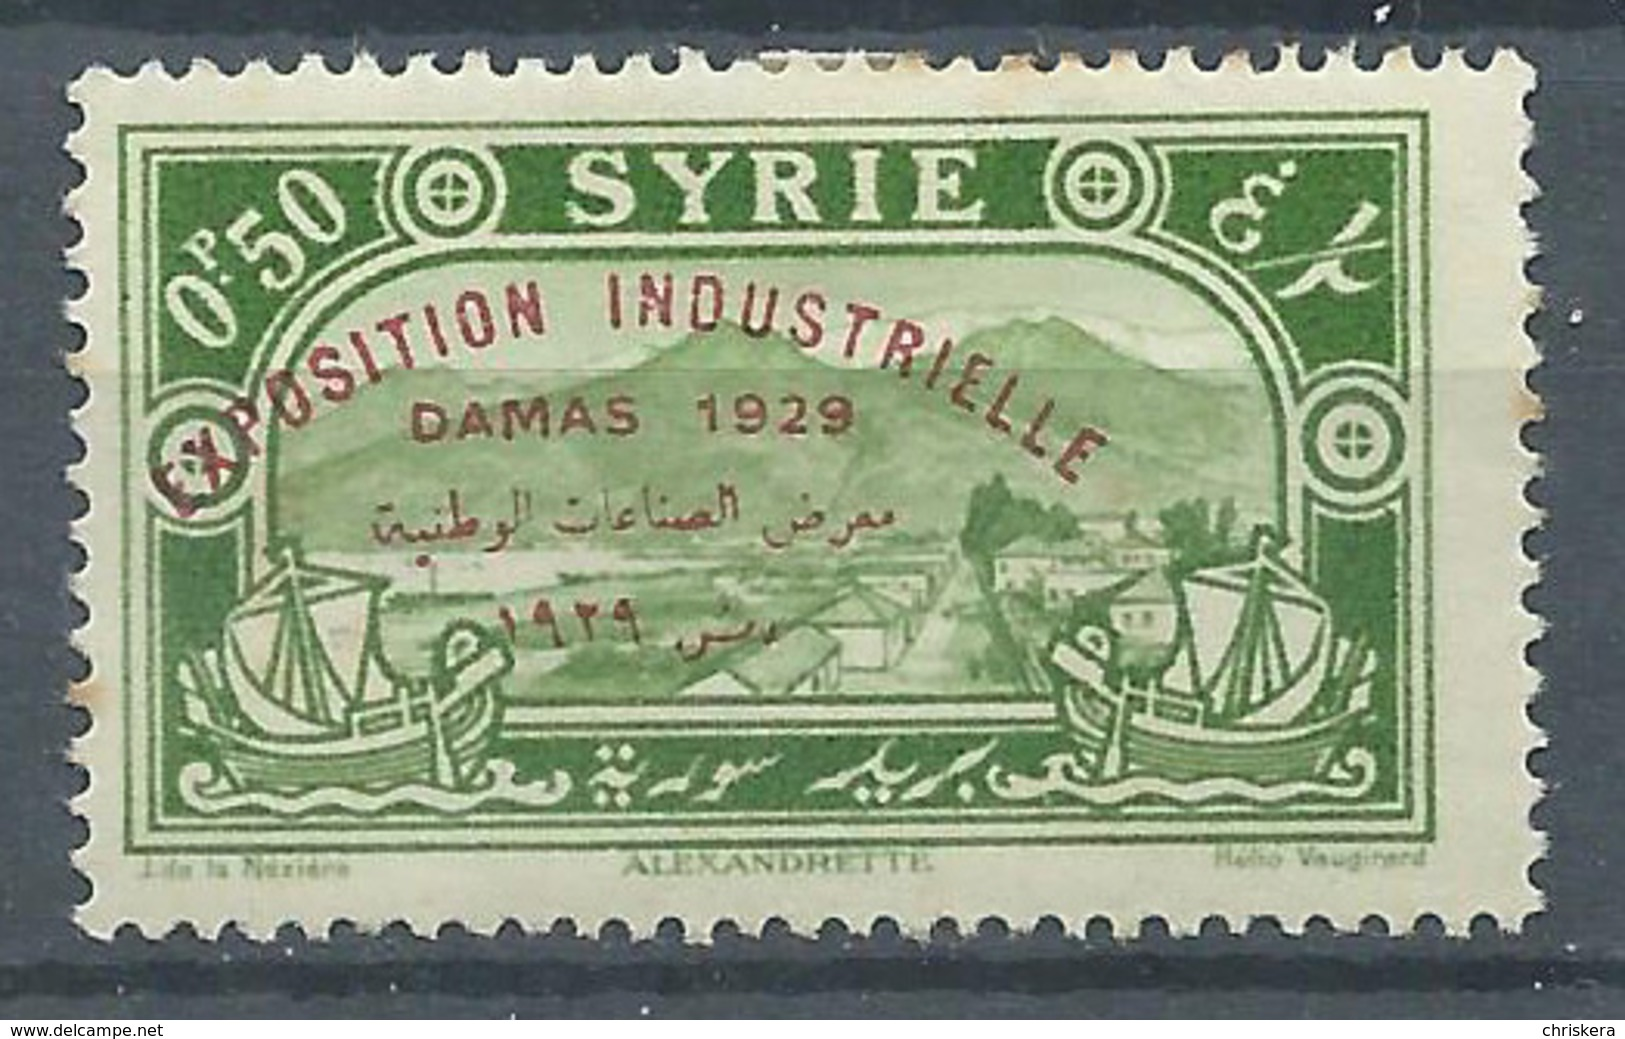 Syrie YT N°192 Alexandrette Surchargé Exposition De Damas 1929 Neuf/charnière * - Syrie (1919-1945)